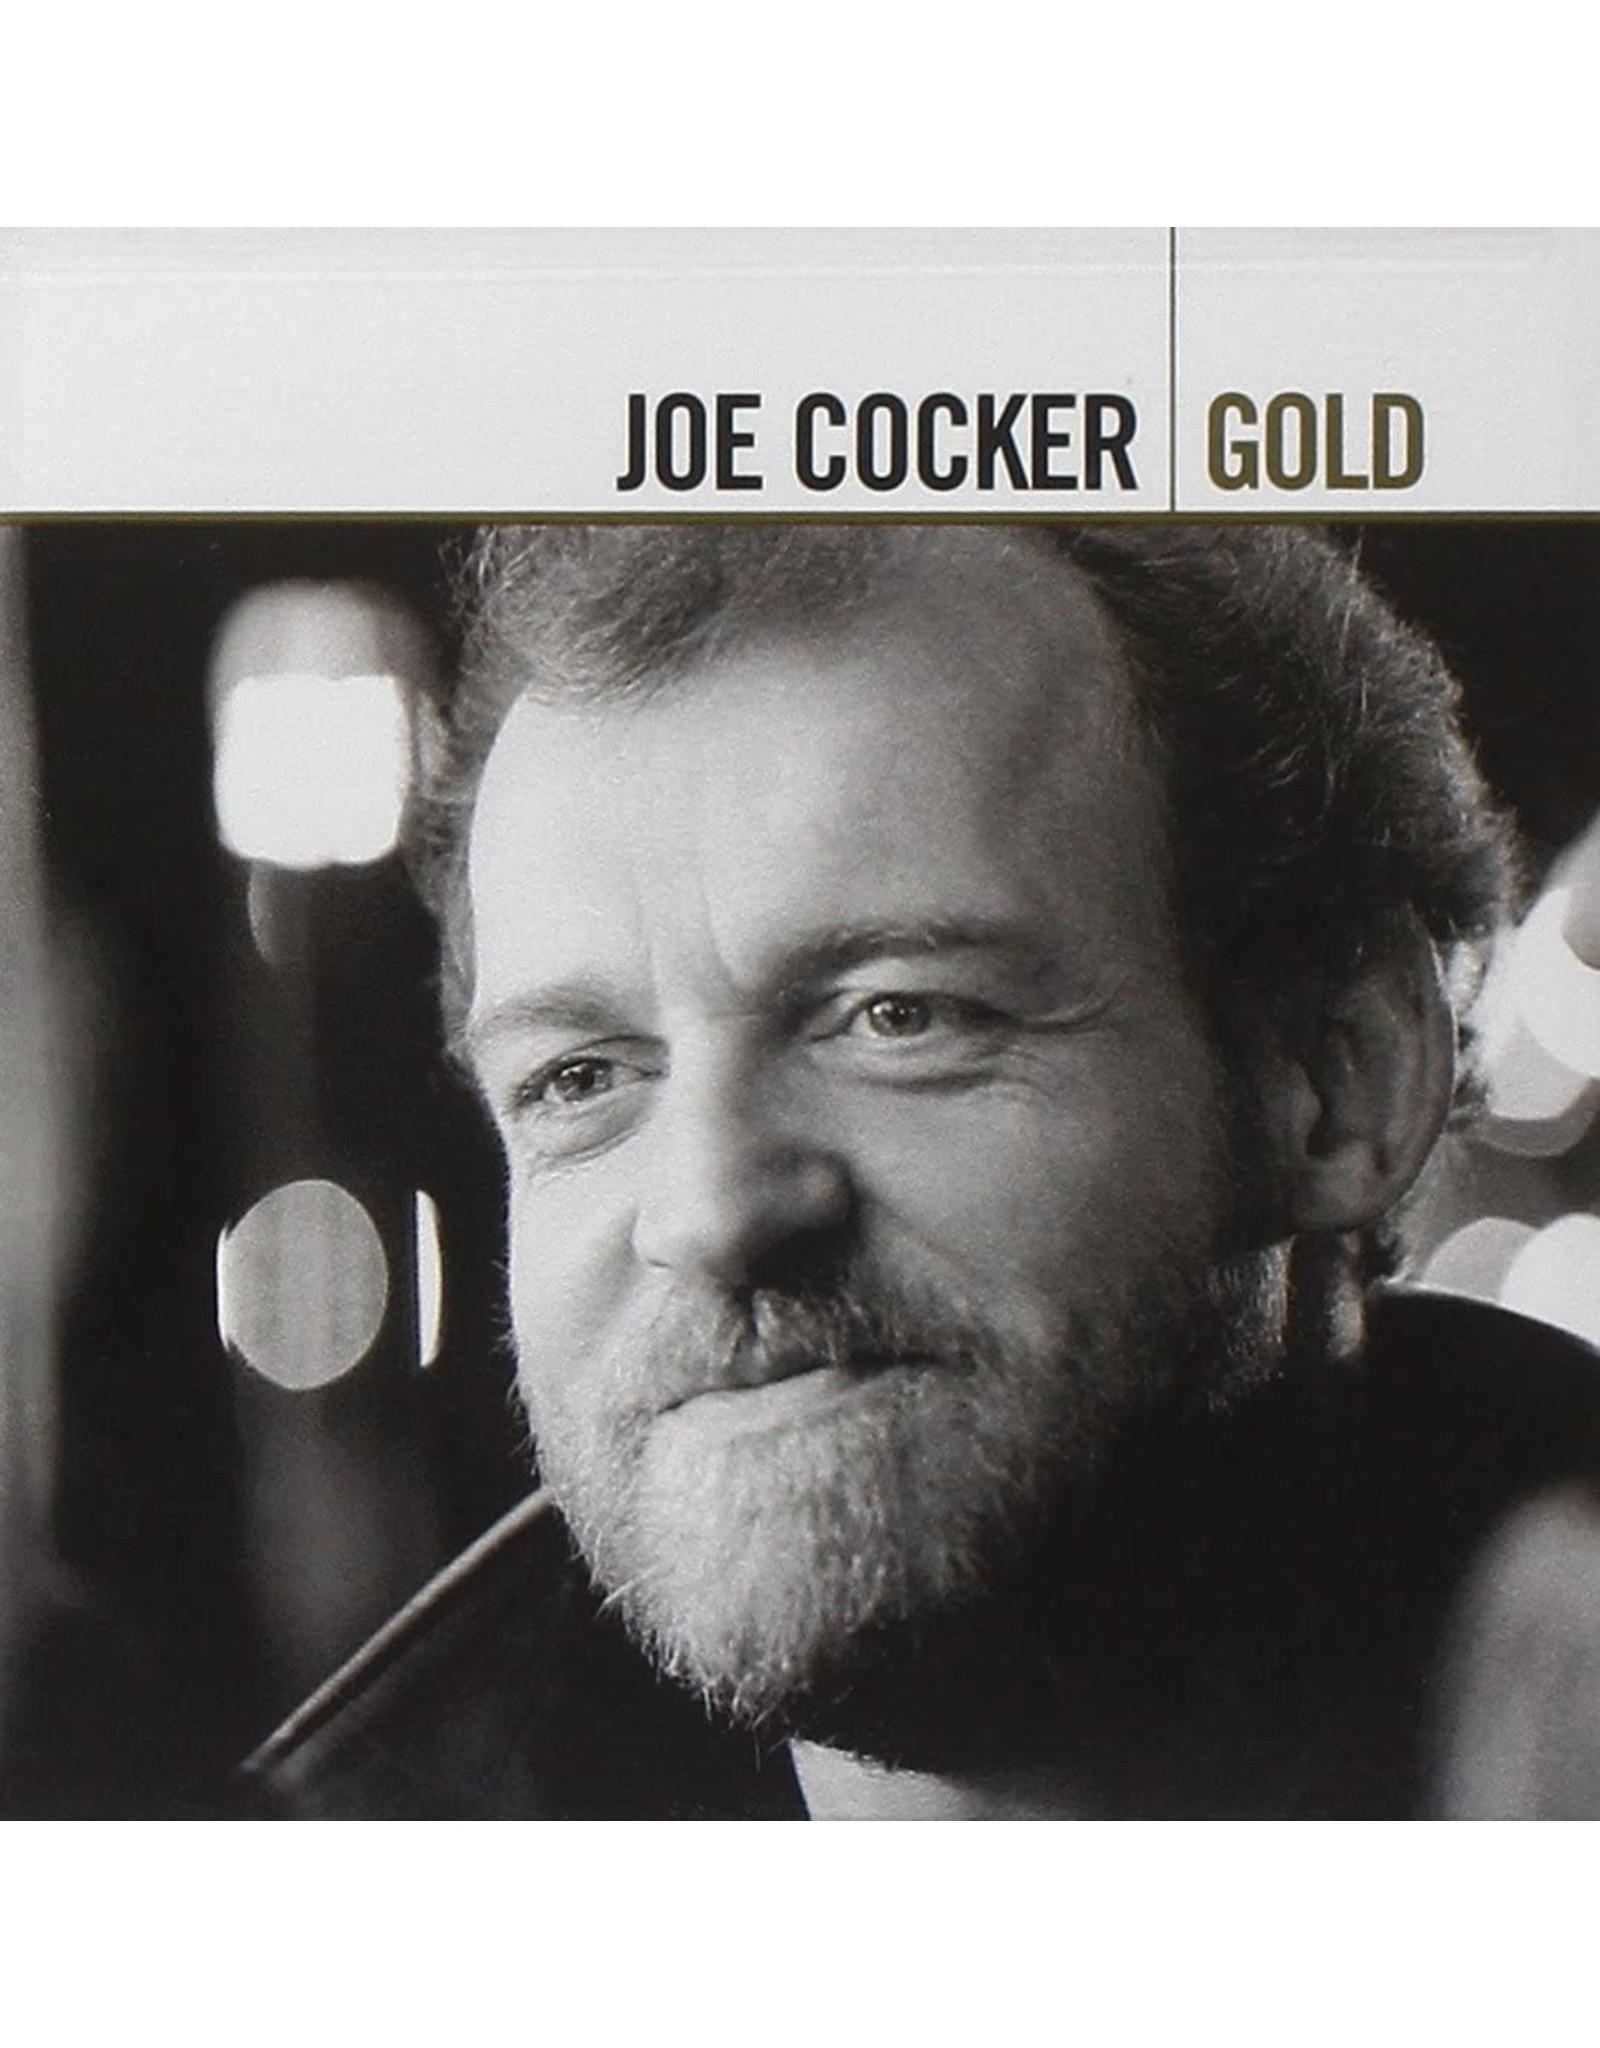 Cocker, Joe - Gold CD